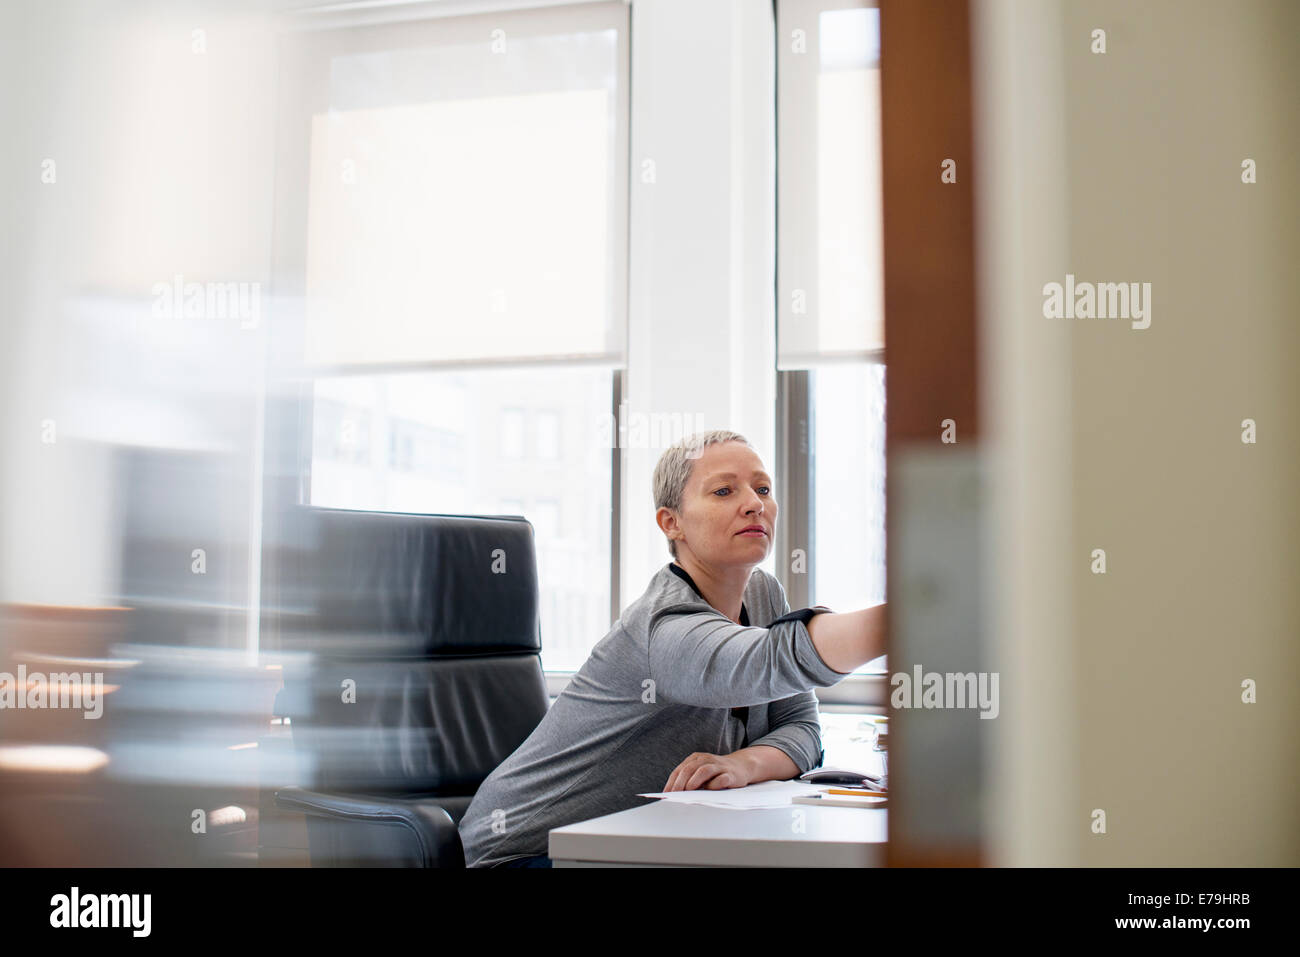 Eine Frau arbeitet in einem Büro alleine an ihrem Schreibtisch nach vorne lehnen, um etwas zu betrachten. Stockbild